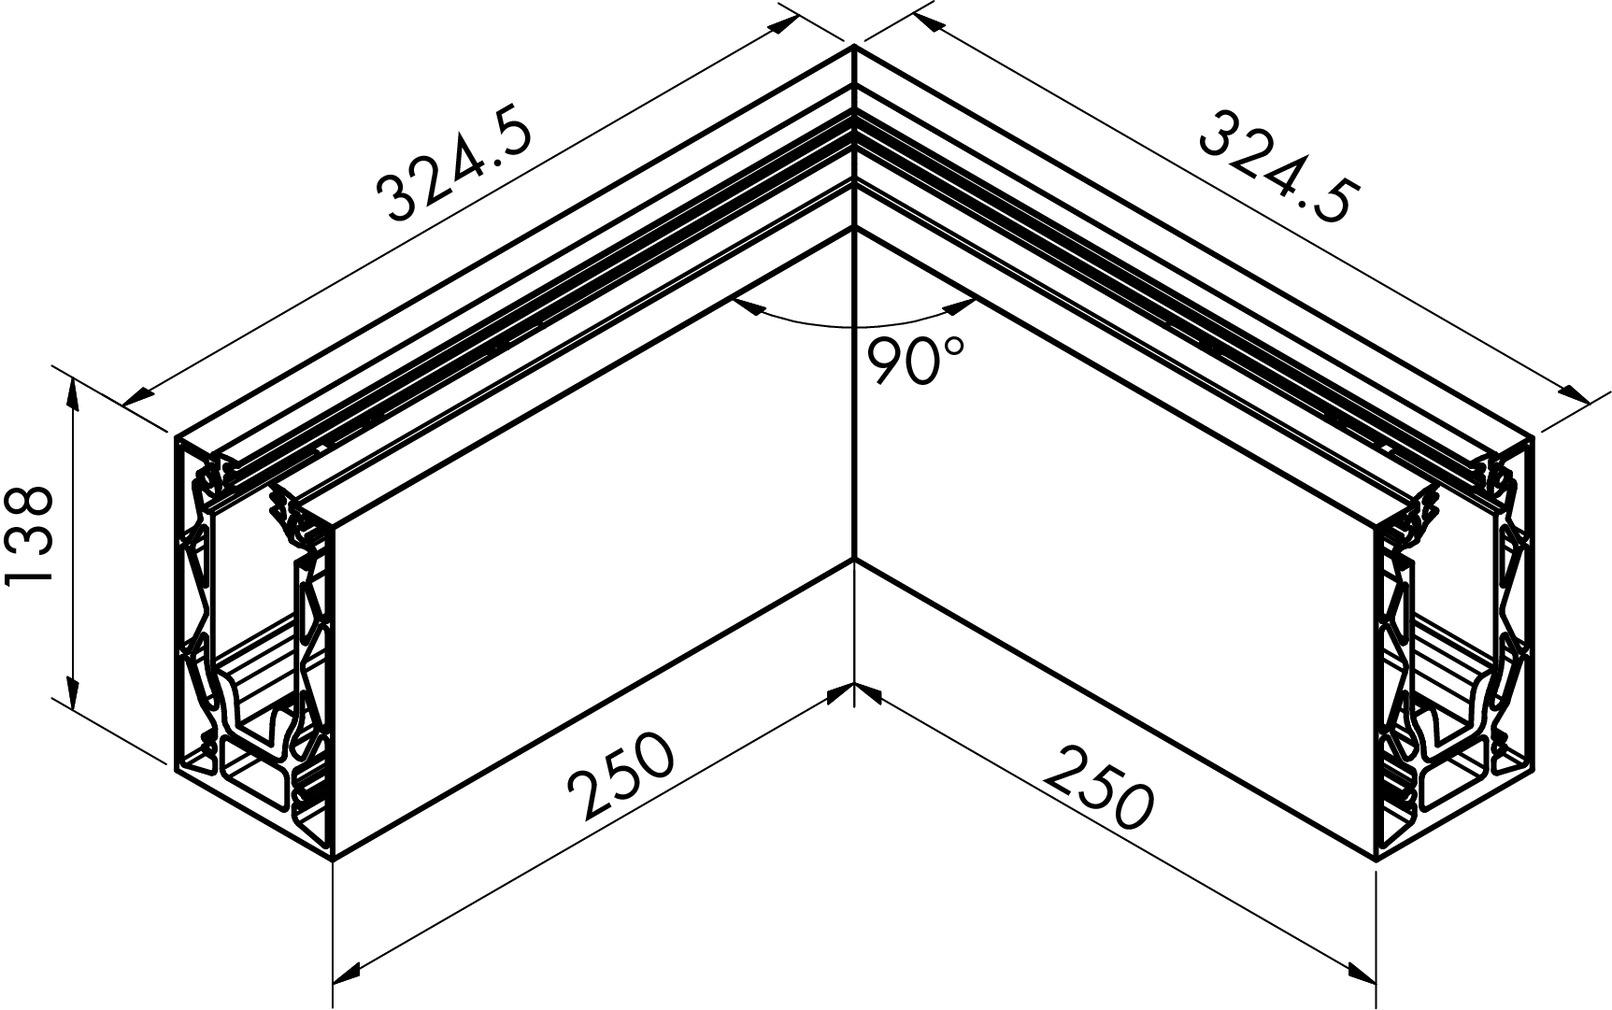 Innenecken/Aussenecken-Set zu Glasgeländerprofil cp-1404 PAULI+SOHN